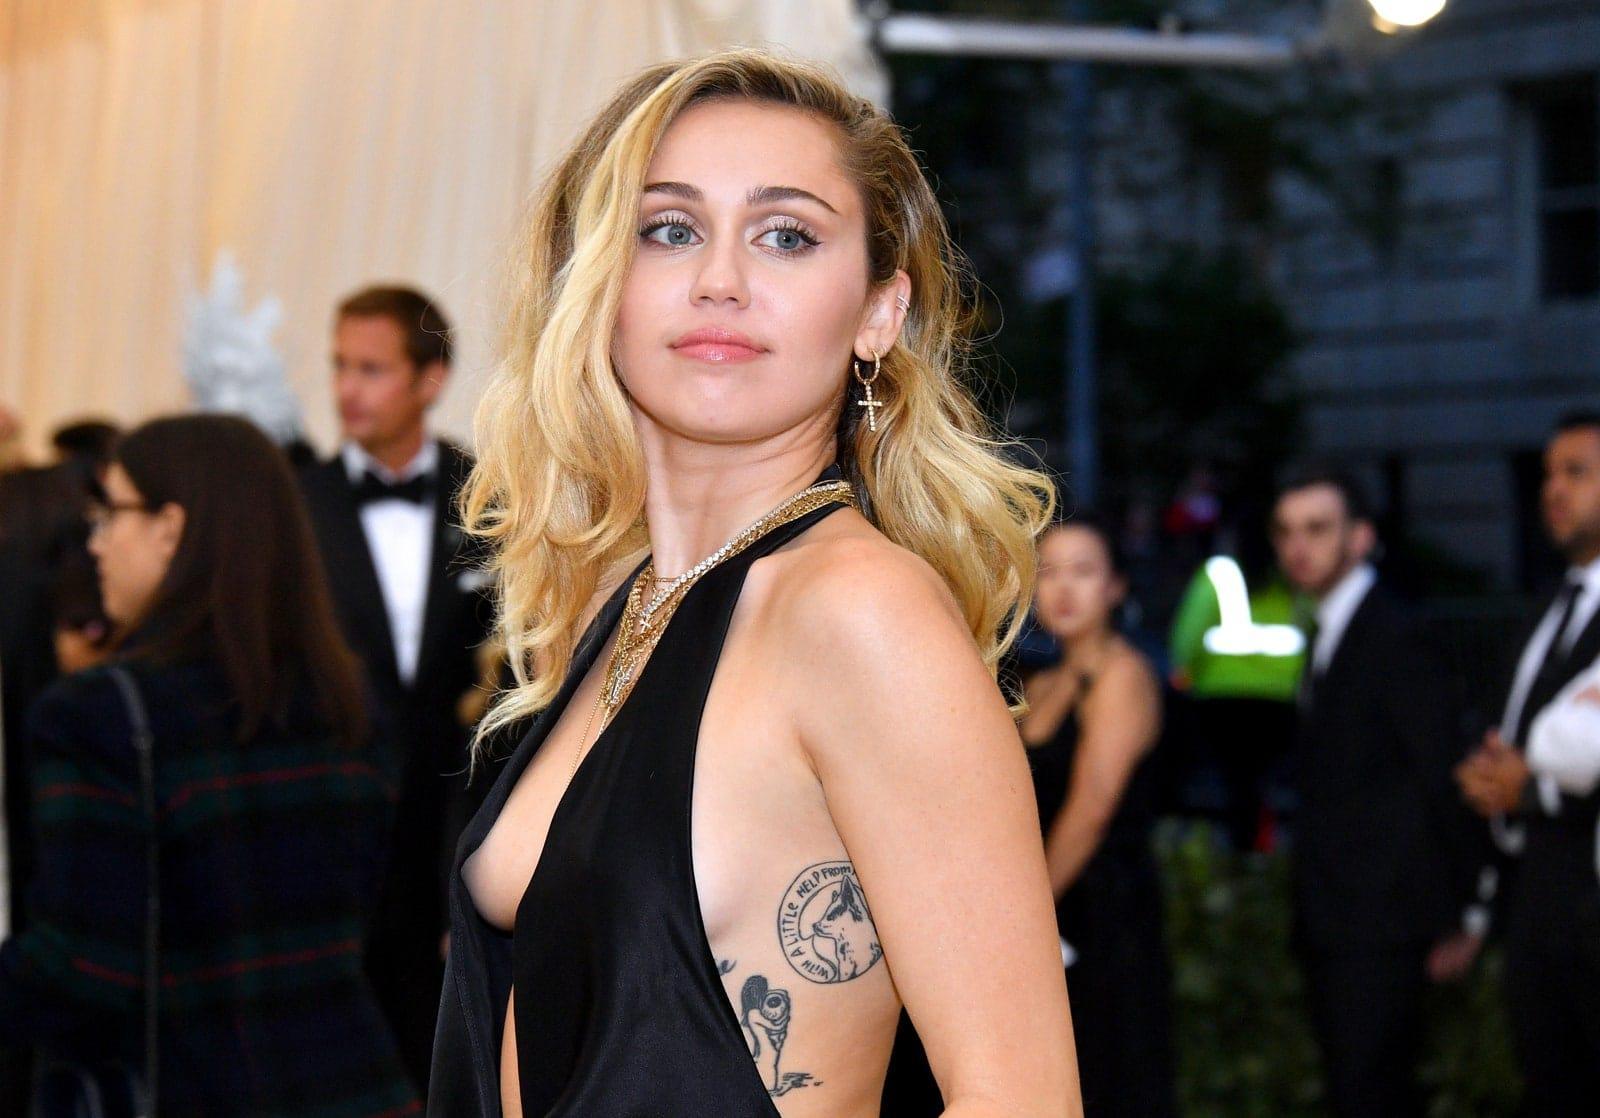 Miley Cyrus : la star a arrêté de boire de l'alcool et de fumer de la marijuana